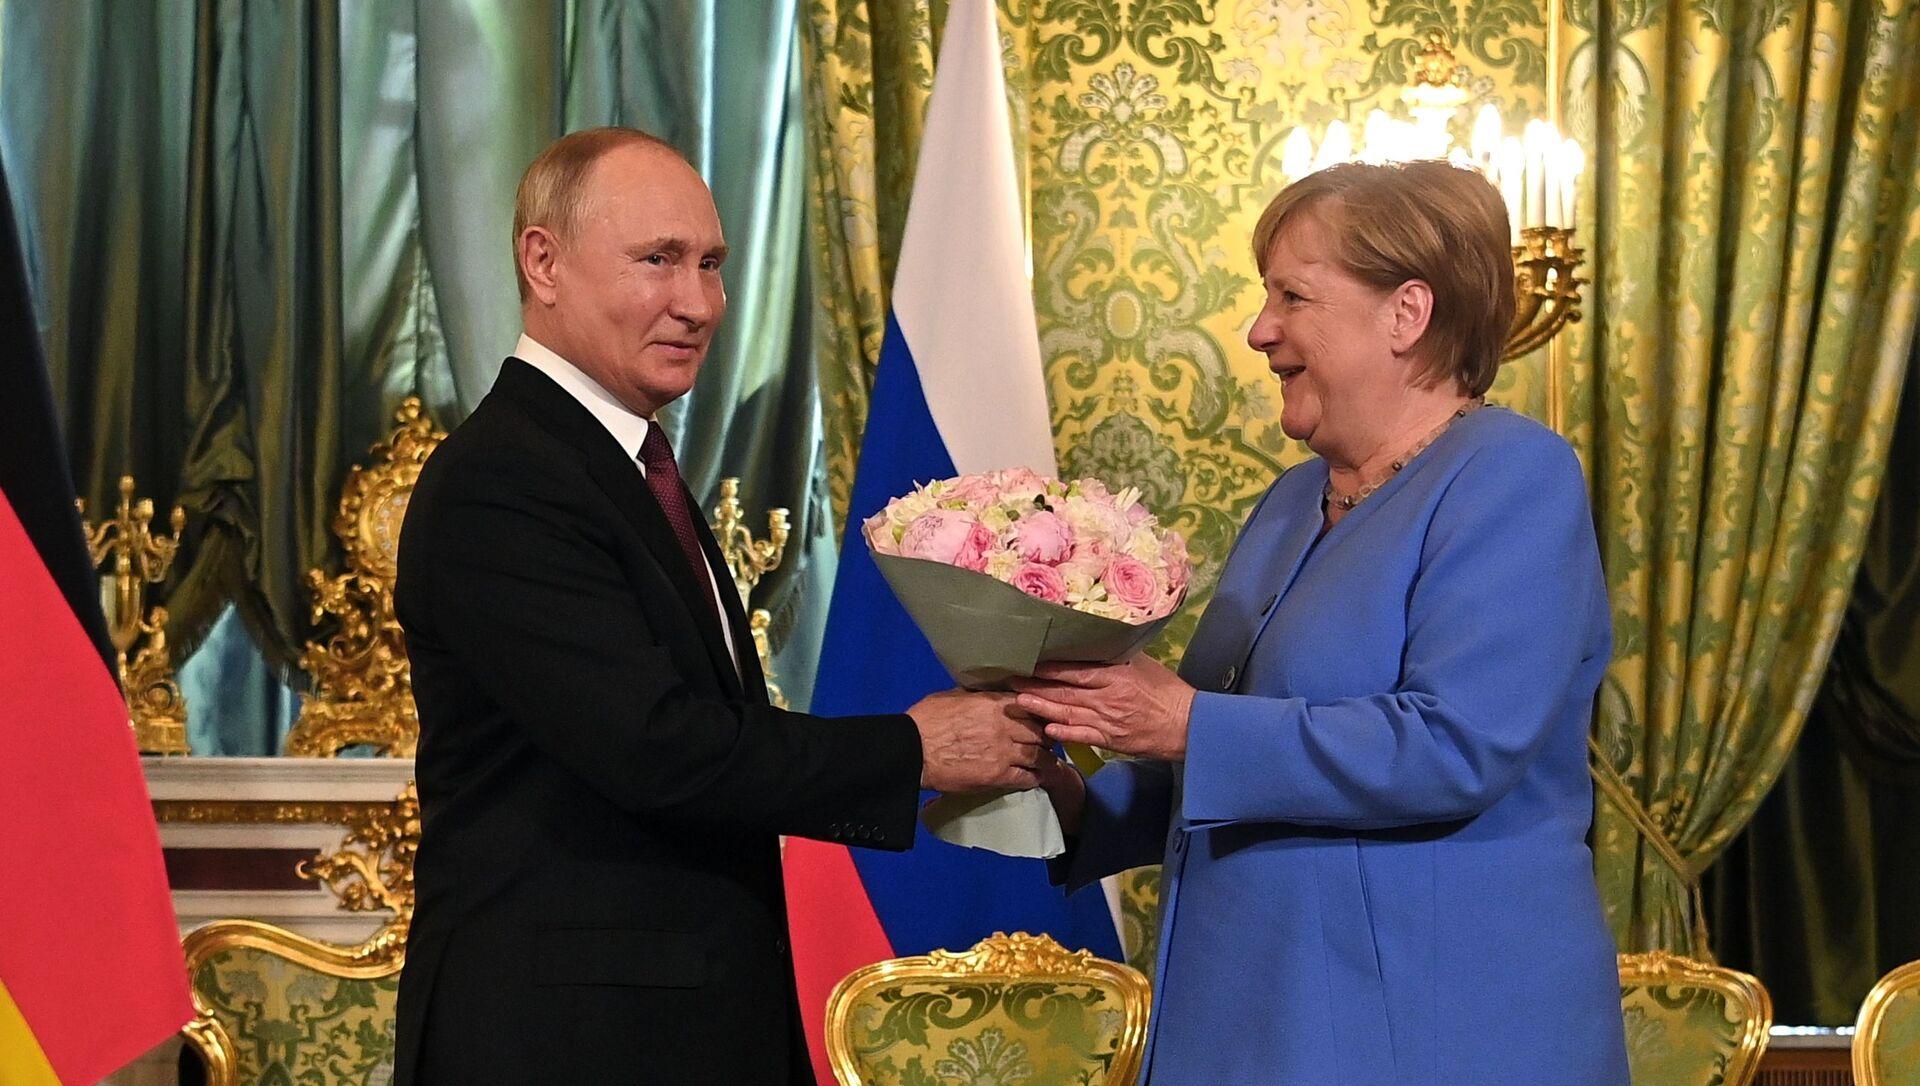 La rencontre Merkel-Poutine - Sputnik France, 1920, 20.08.2021